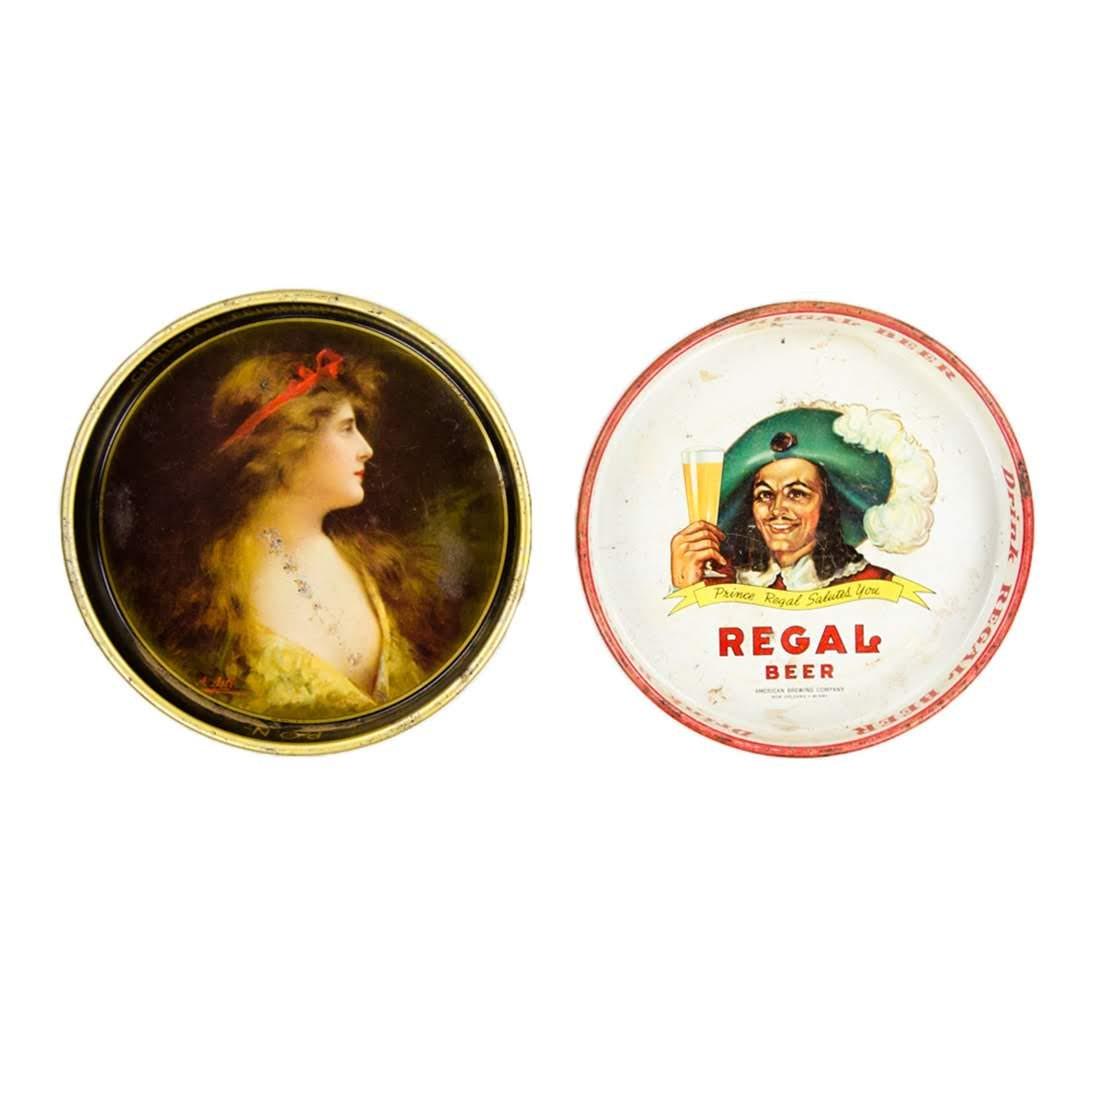 1930s C. Feigenspan & 1950s Regal Metal Beer Trays